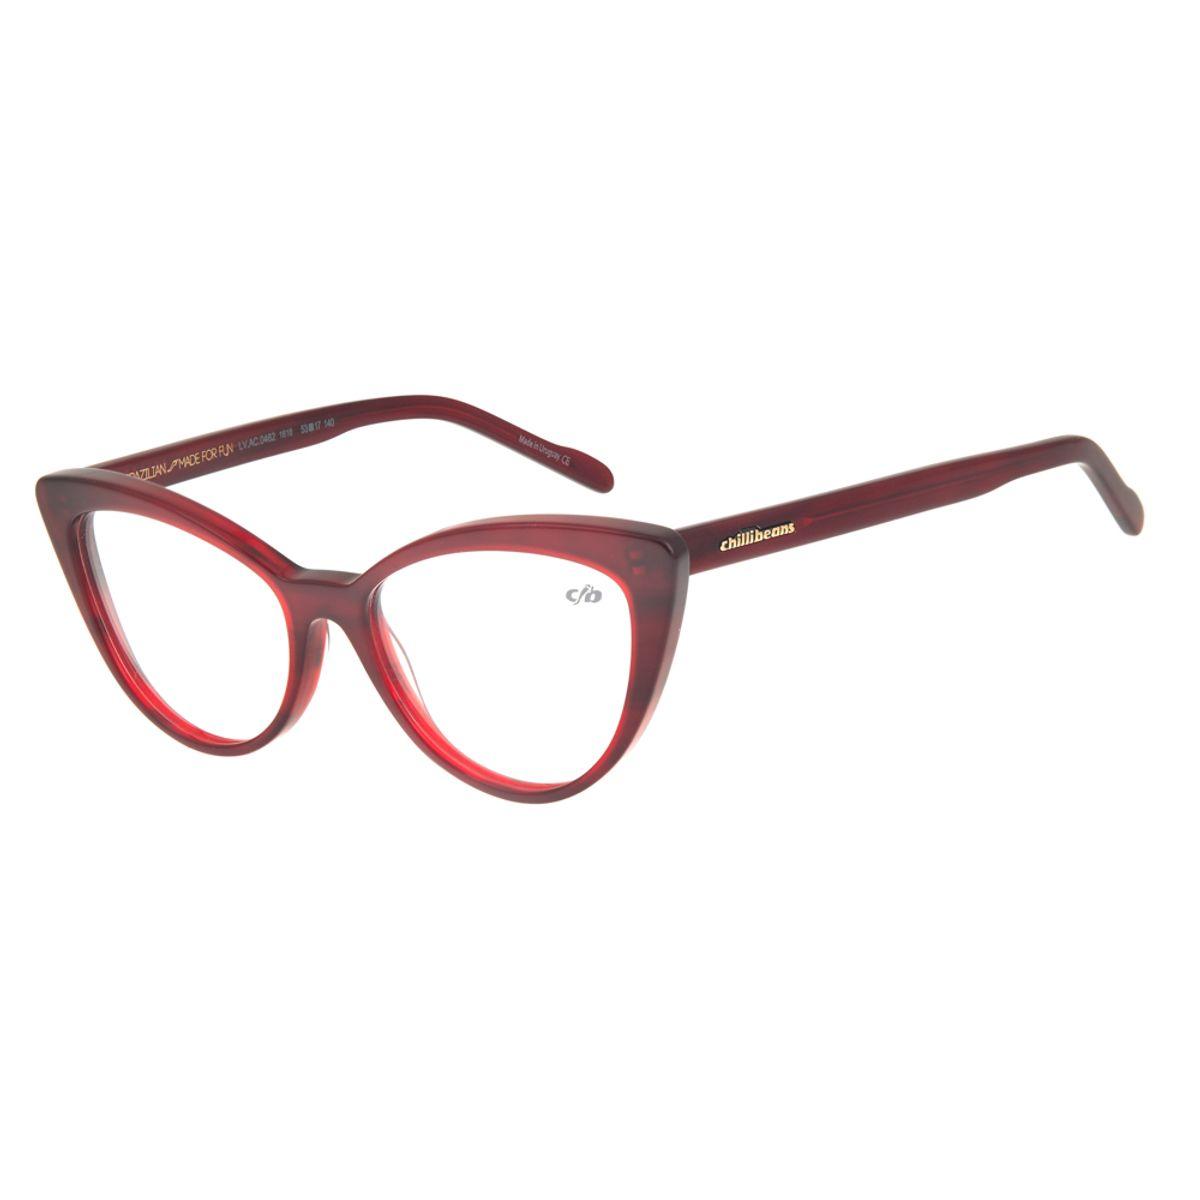 28e76a7edffca Armação para Óculos de Grau Feminino Chilli Beans Gatinho Vermelho ...